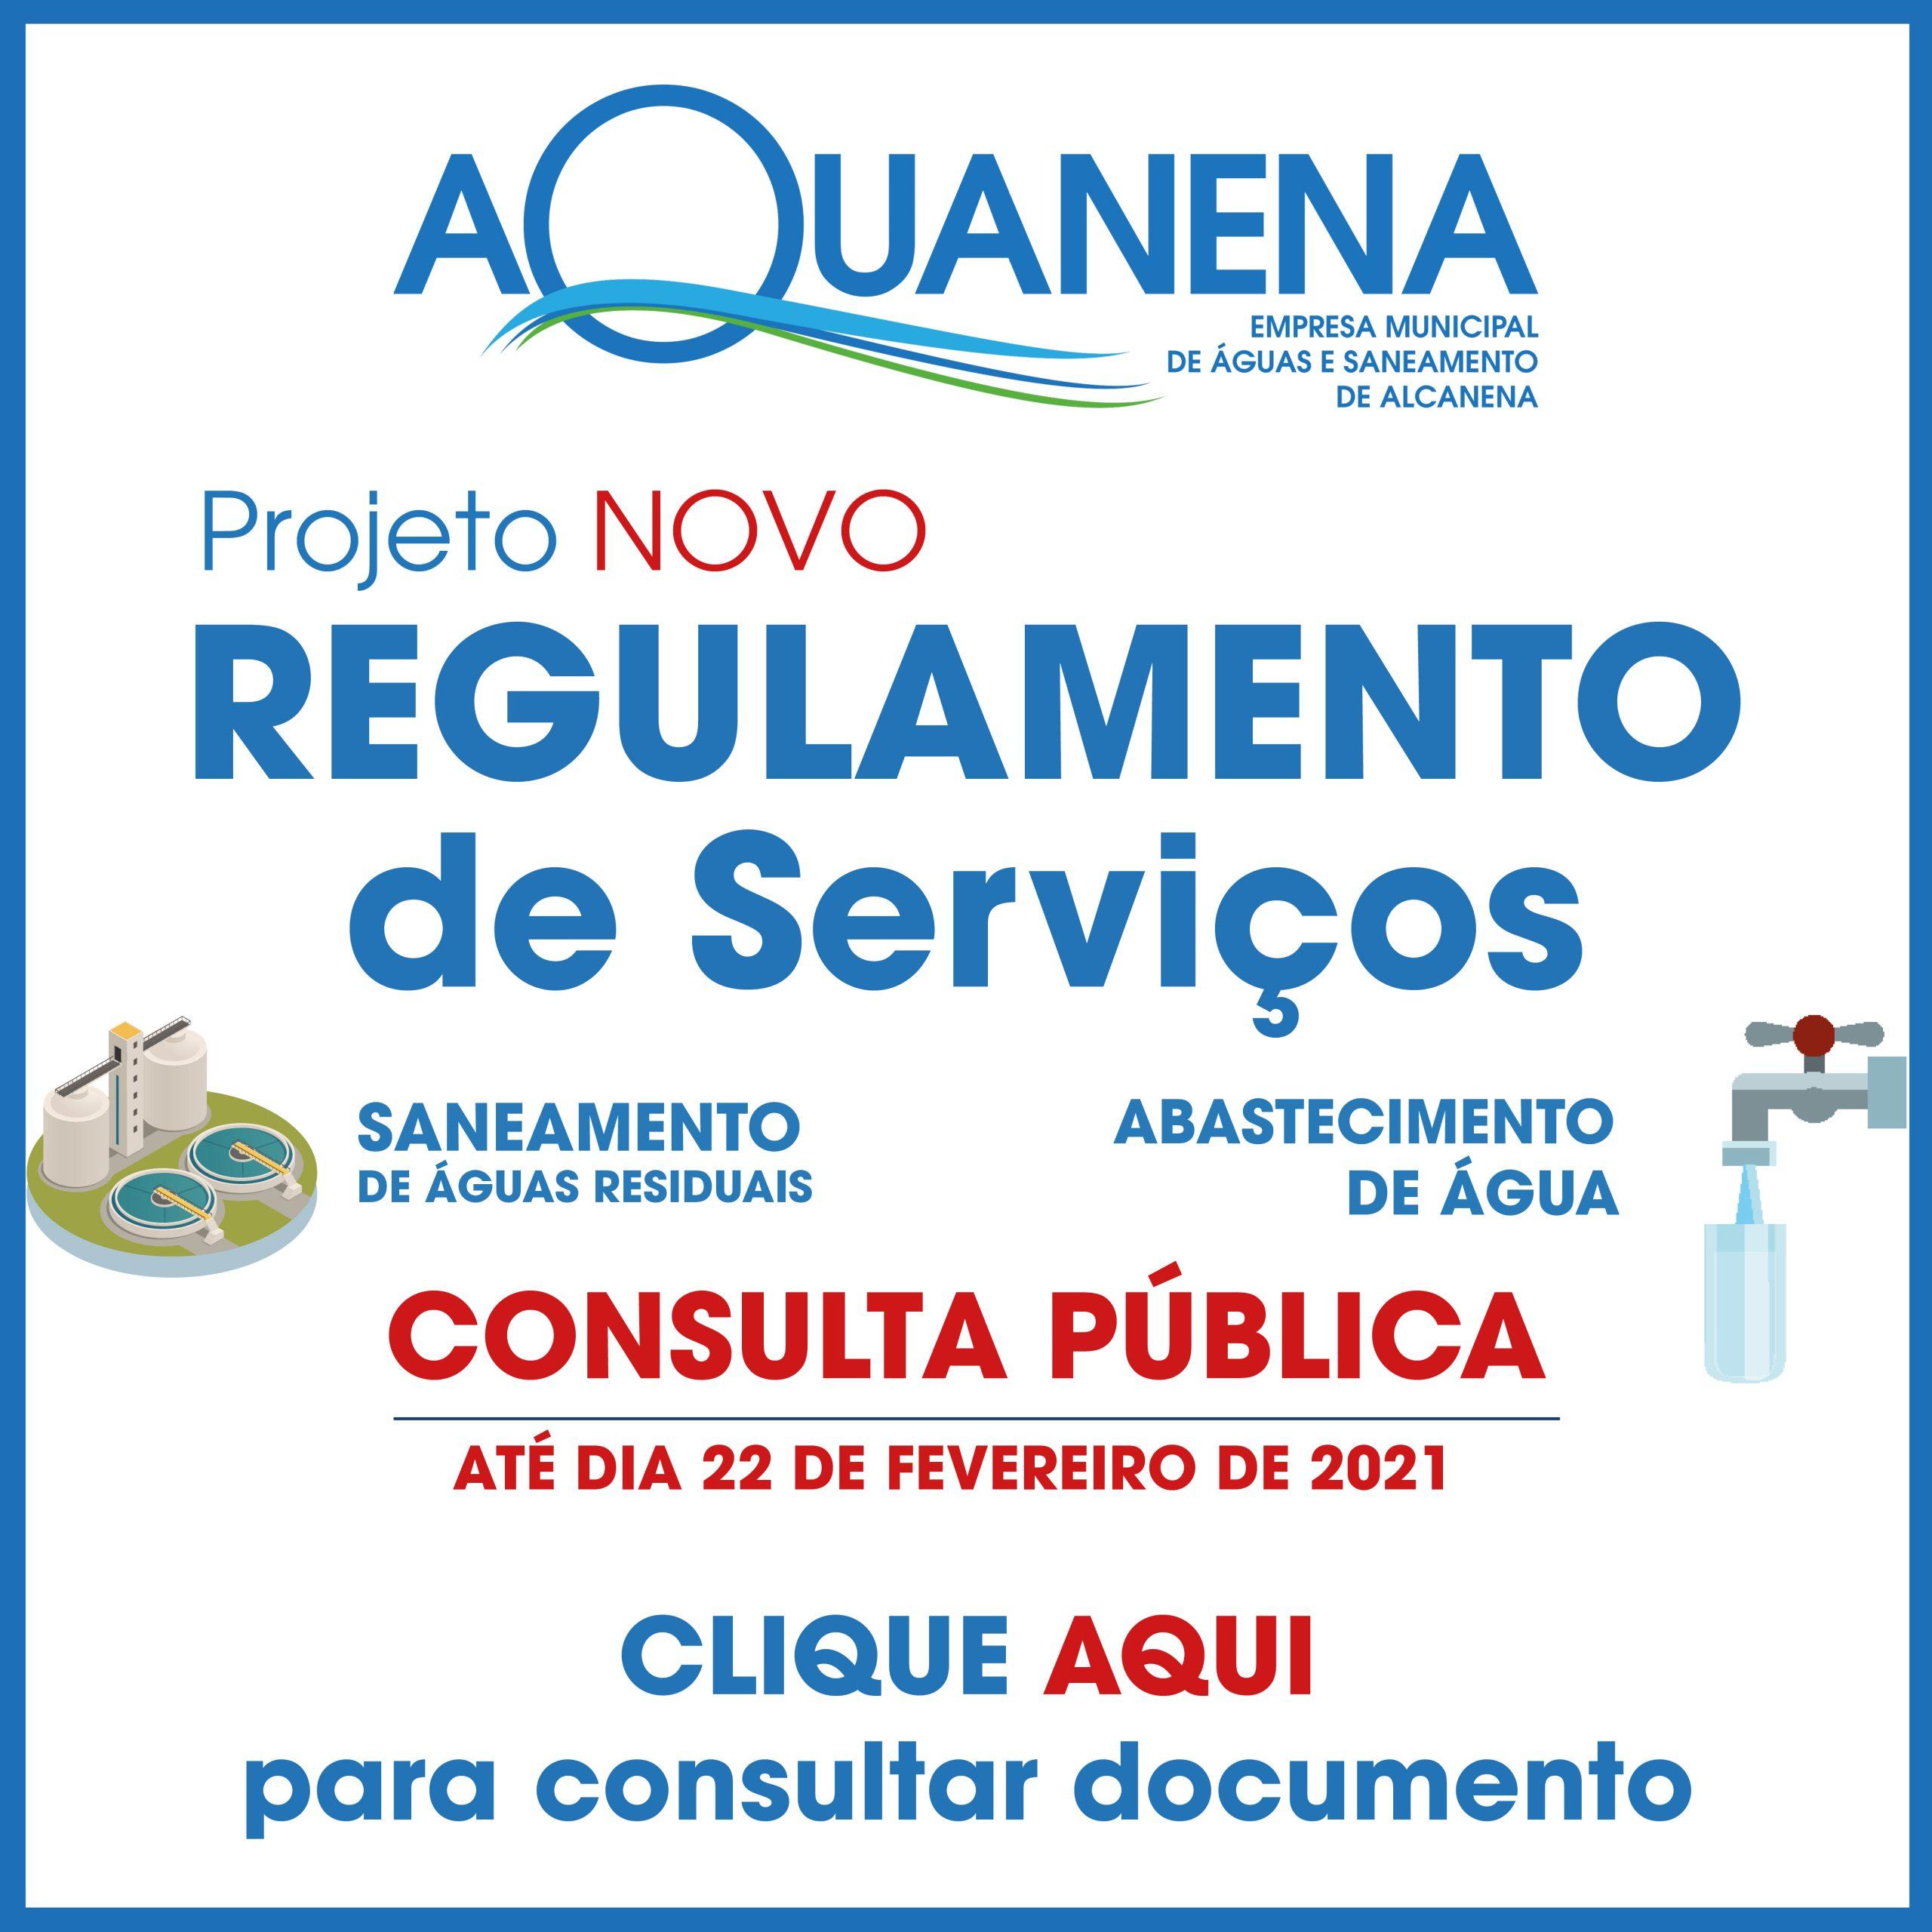 CONSULTA PÚBLICA – Projeto Regulamento de Serviços de Água e Saneamento de Alcanena